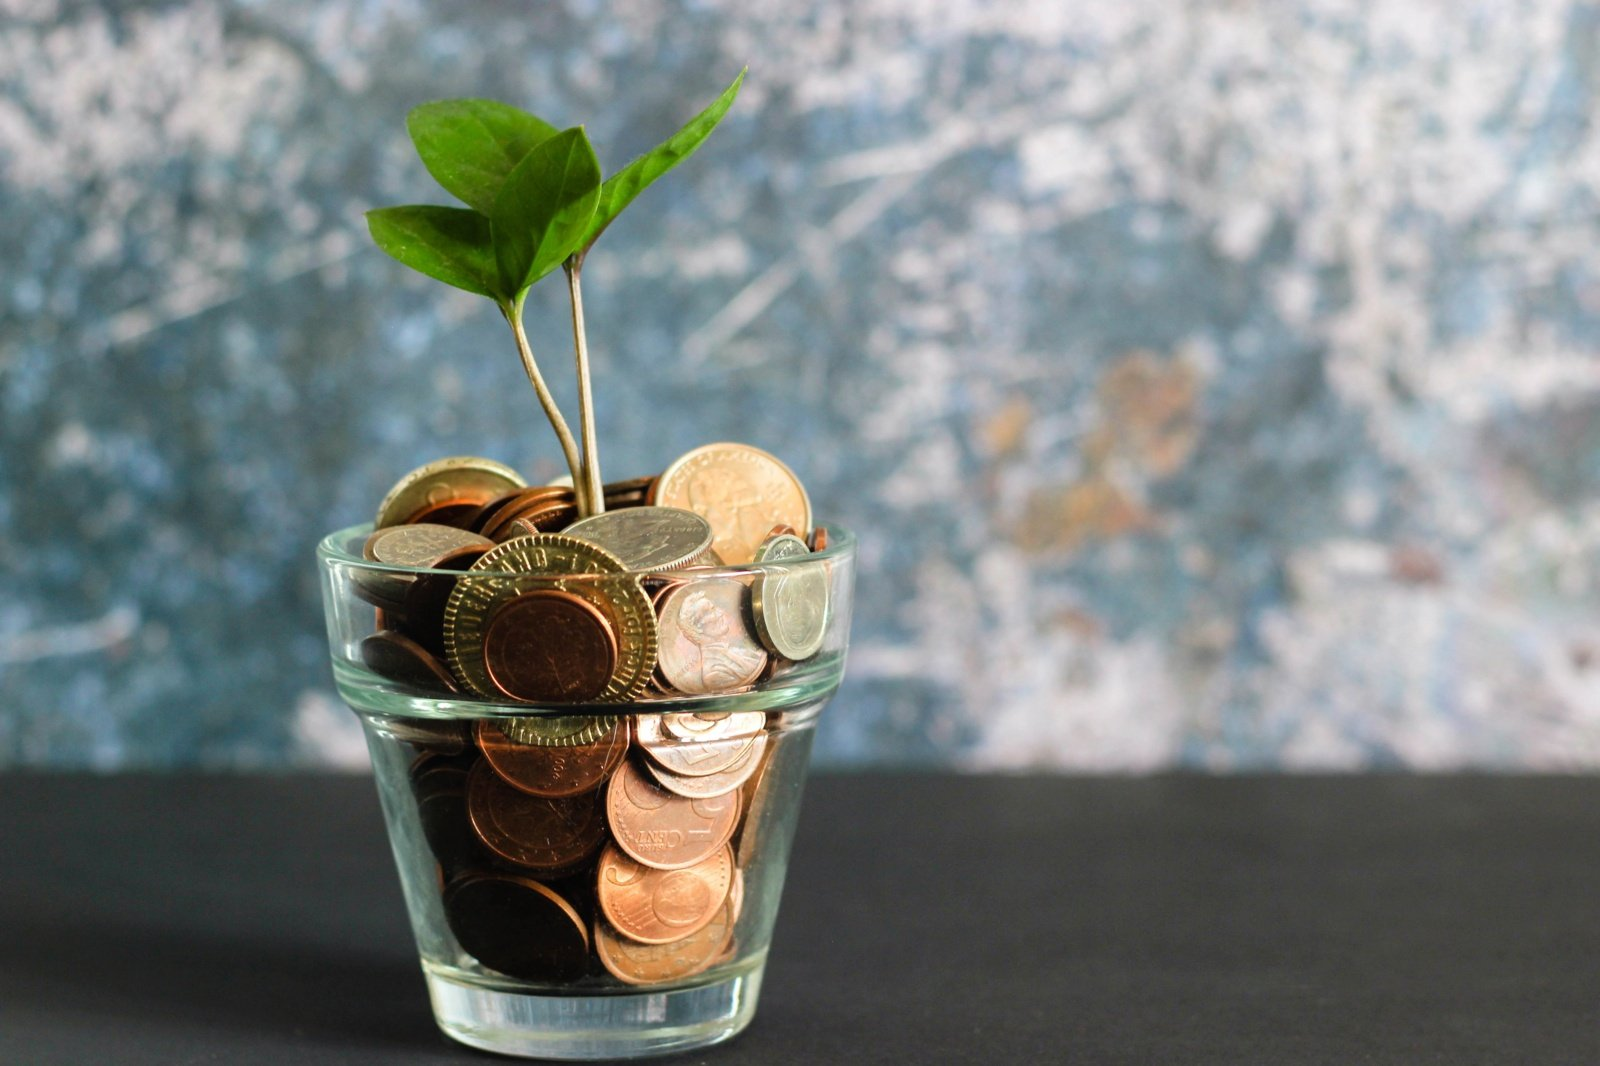 Dažniausios valymo klaidos, dėl kurių pinigai palieka namus